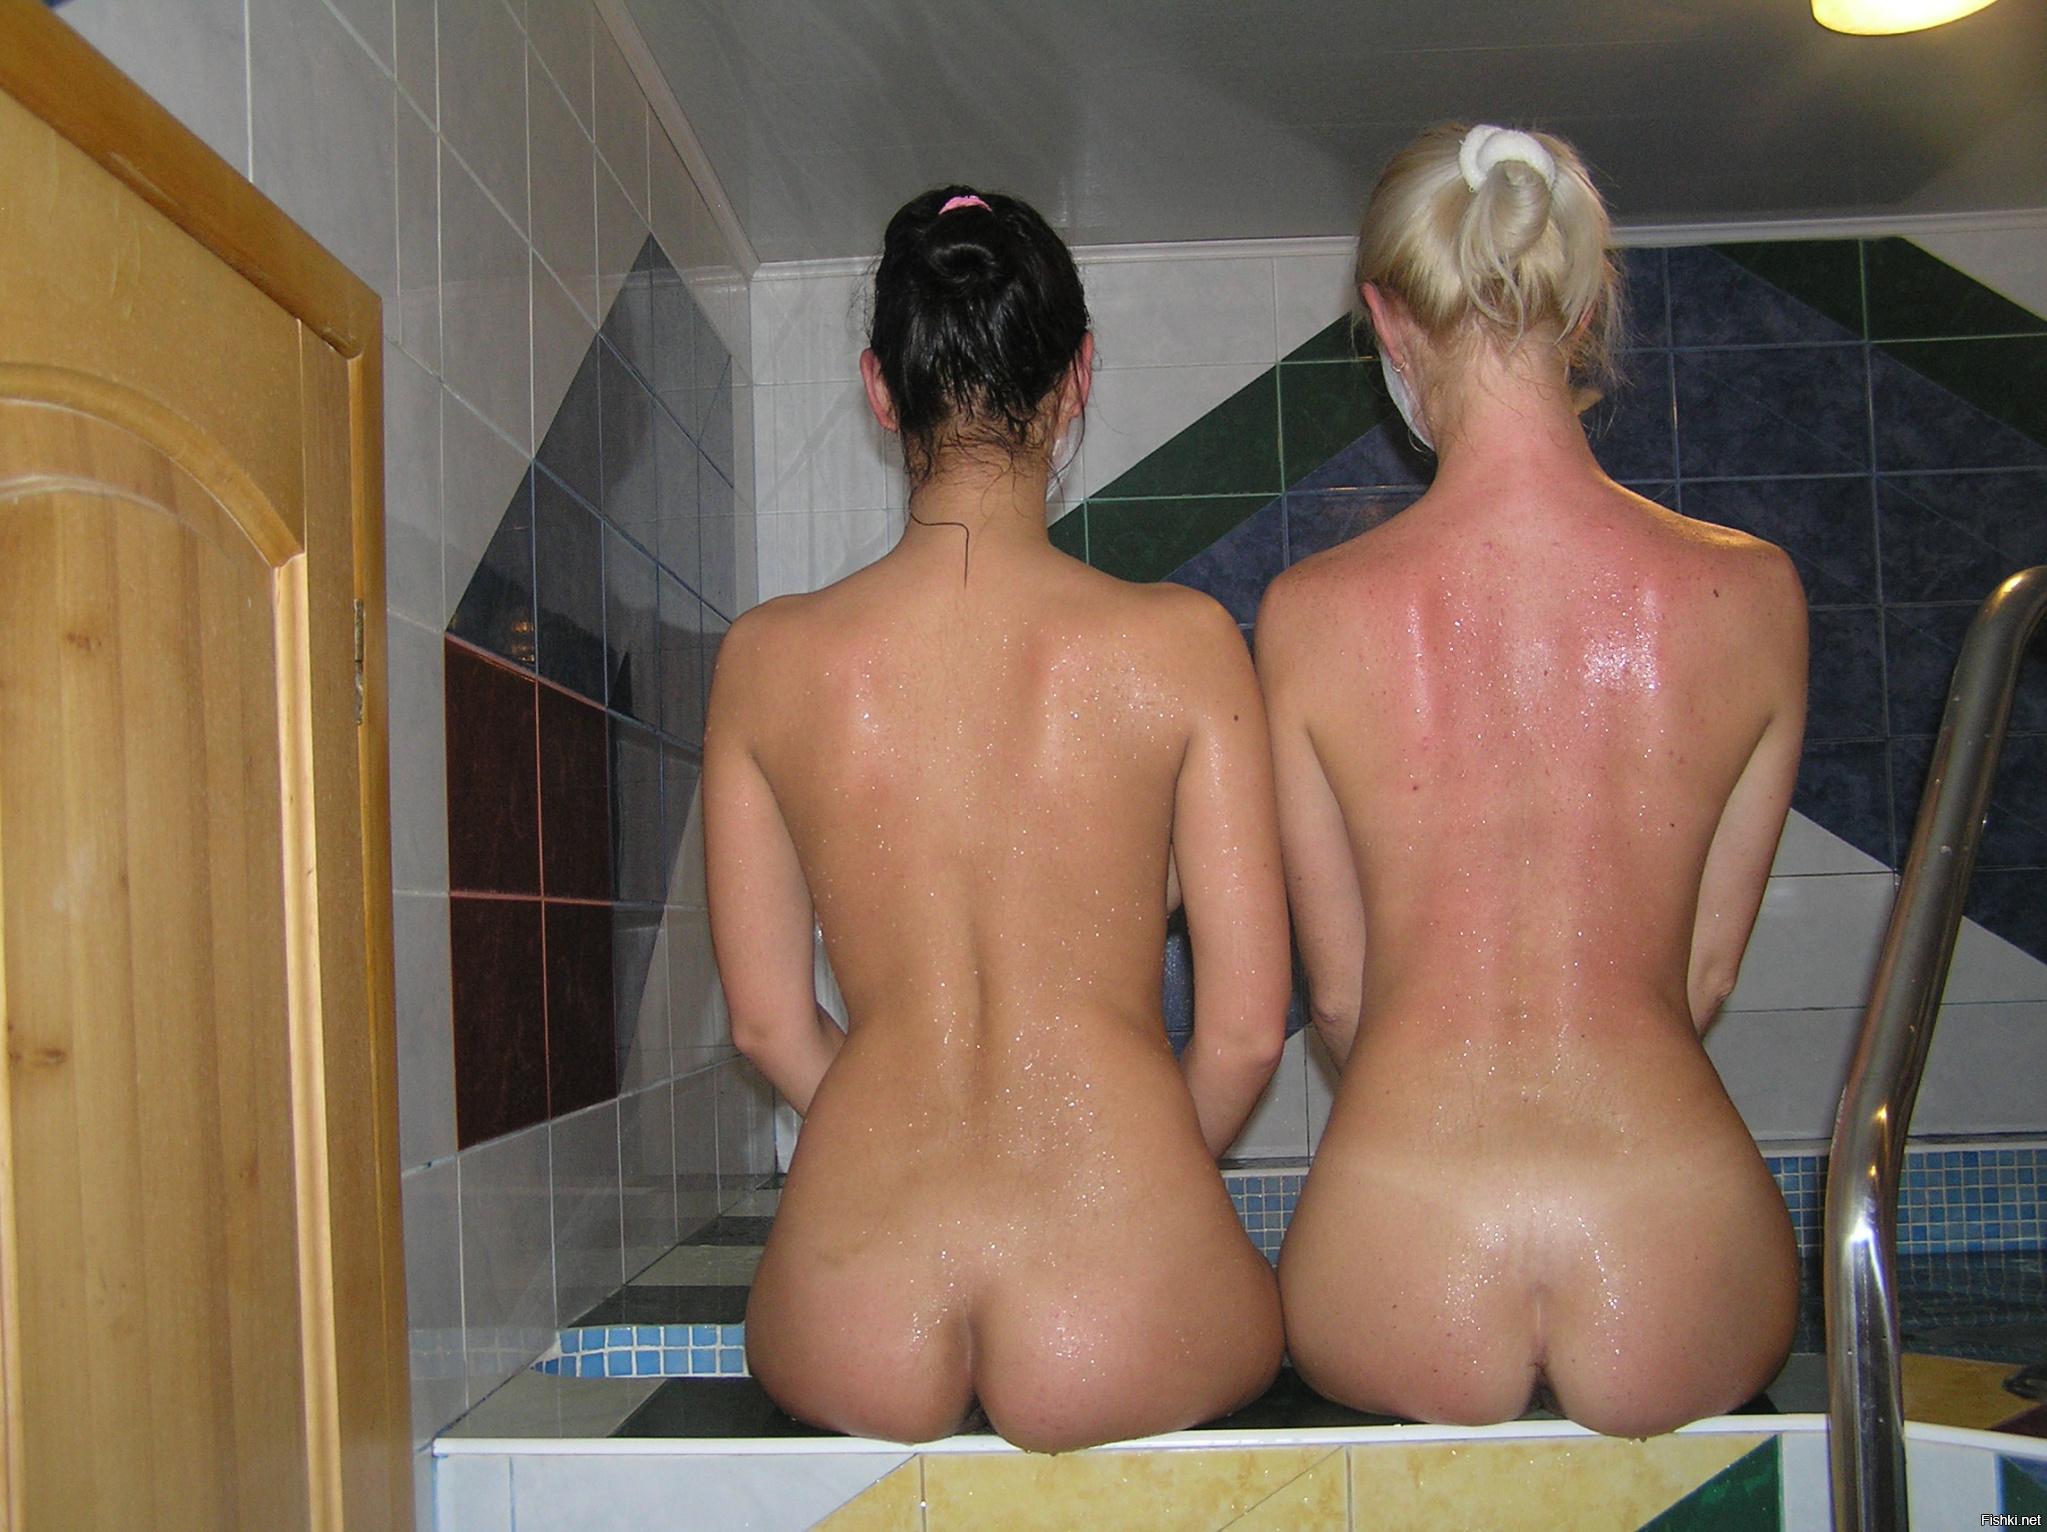 Частное фото с девушками из бани и сауны, Девушки в бане -фото. Голые девчонки кайфуют 24 фотография